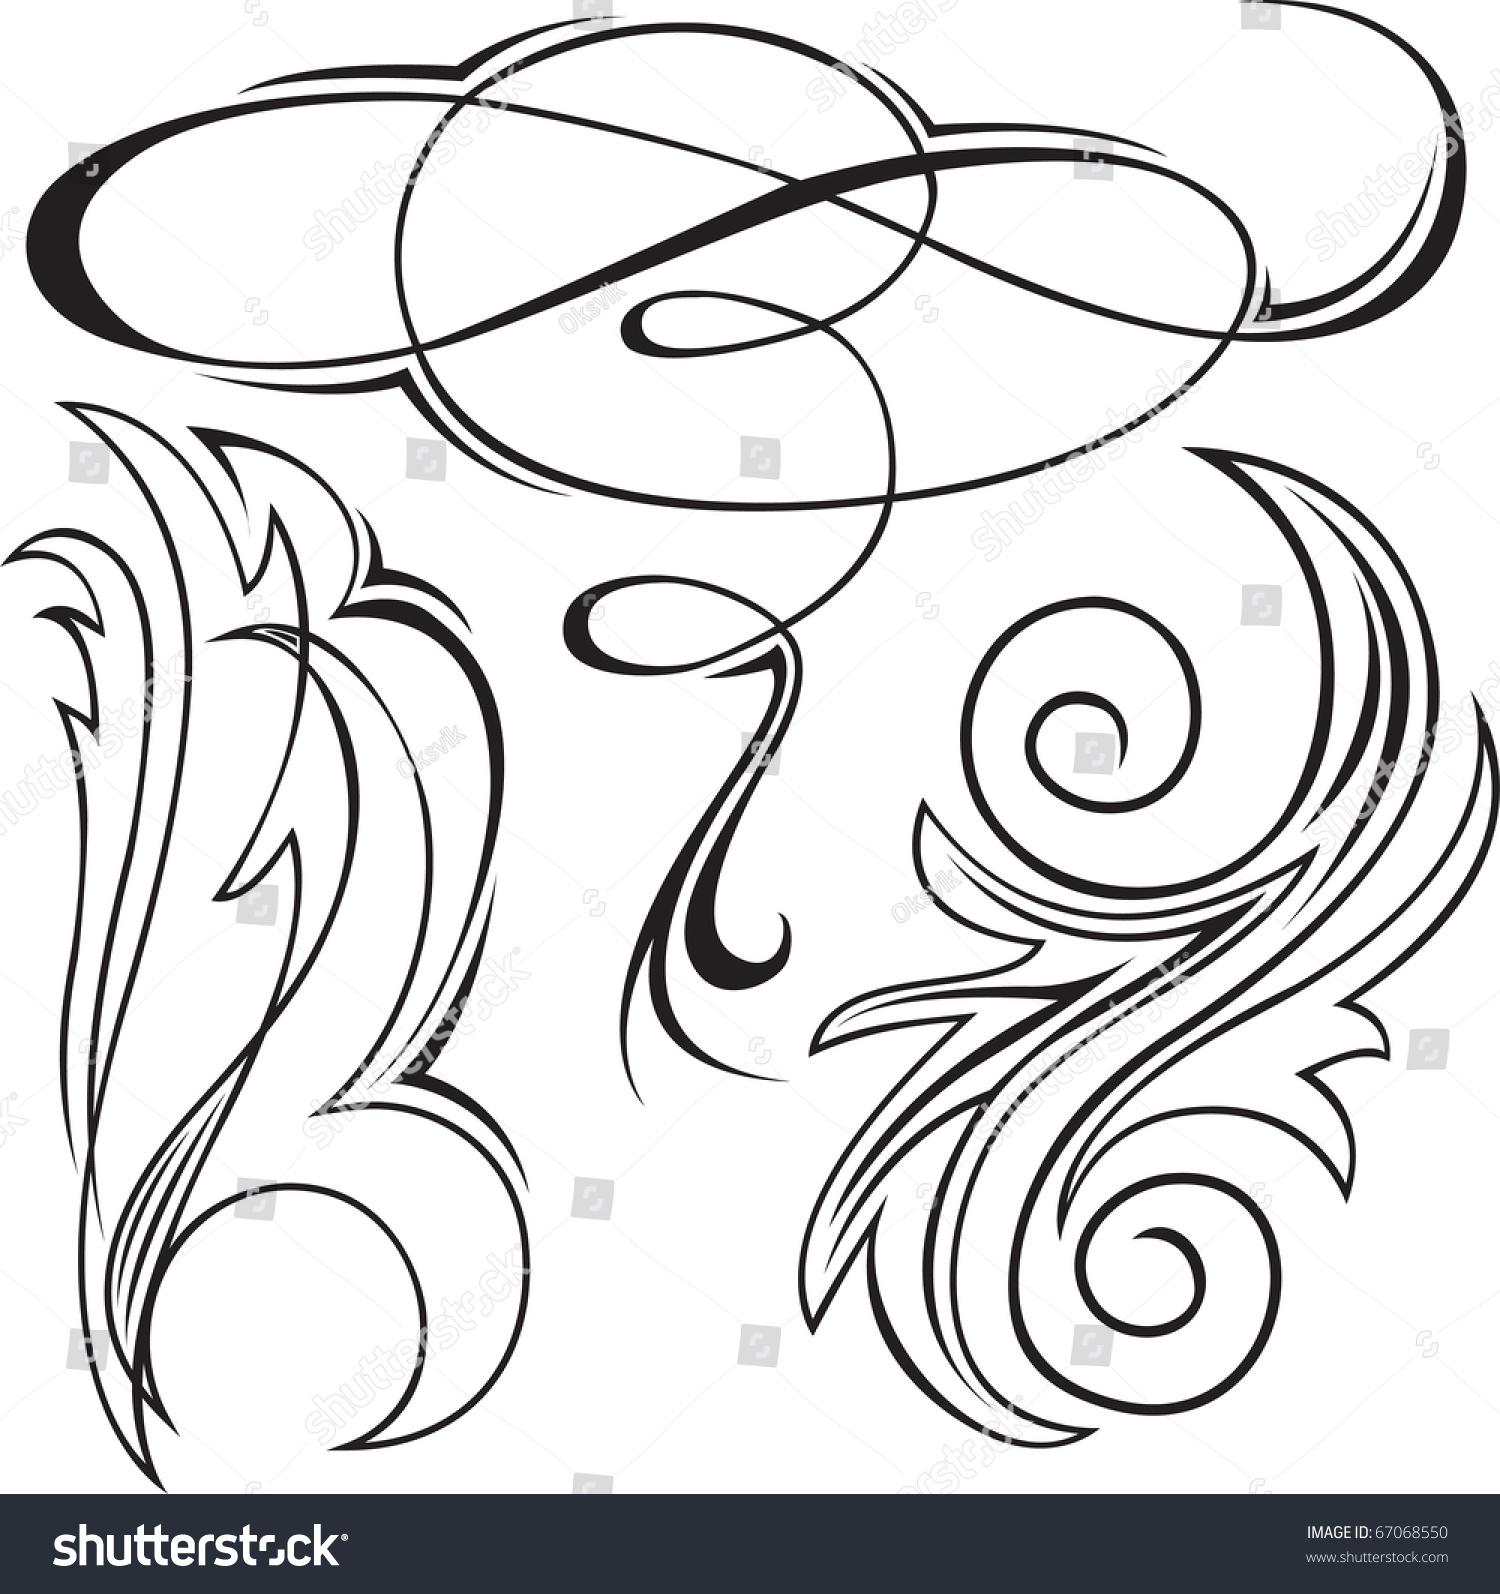 Set Of Black Flower Design Elements Stock Vector: Vector Illustration Set Swirling Decorative Floral Stock